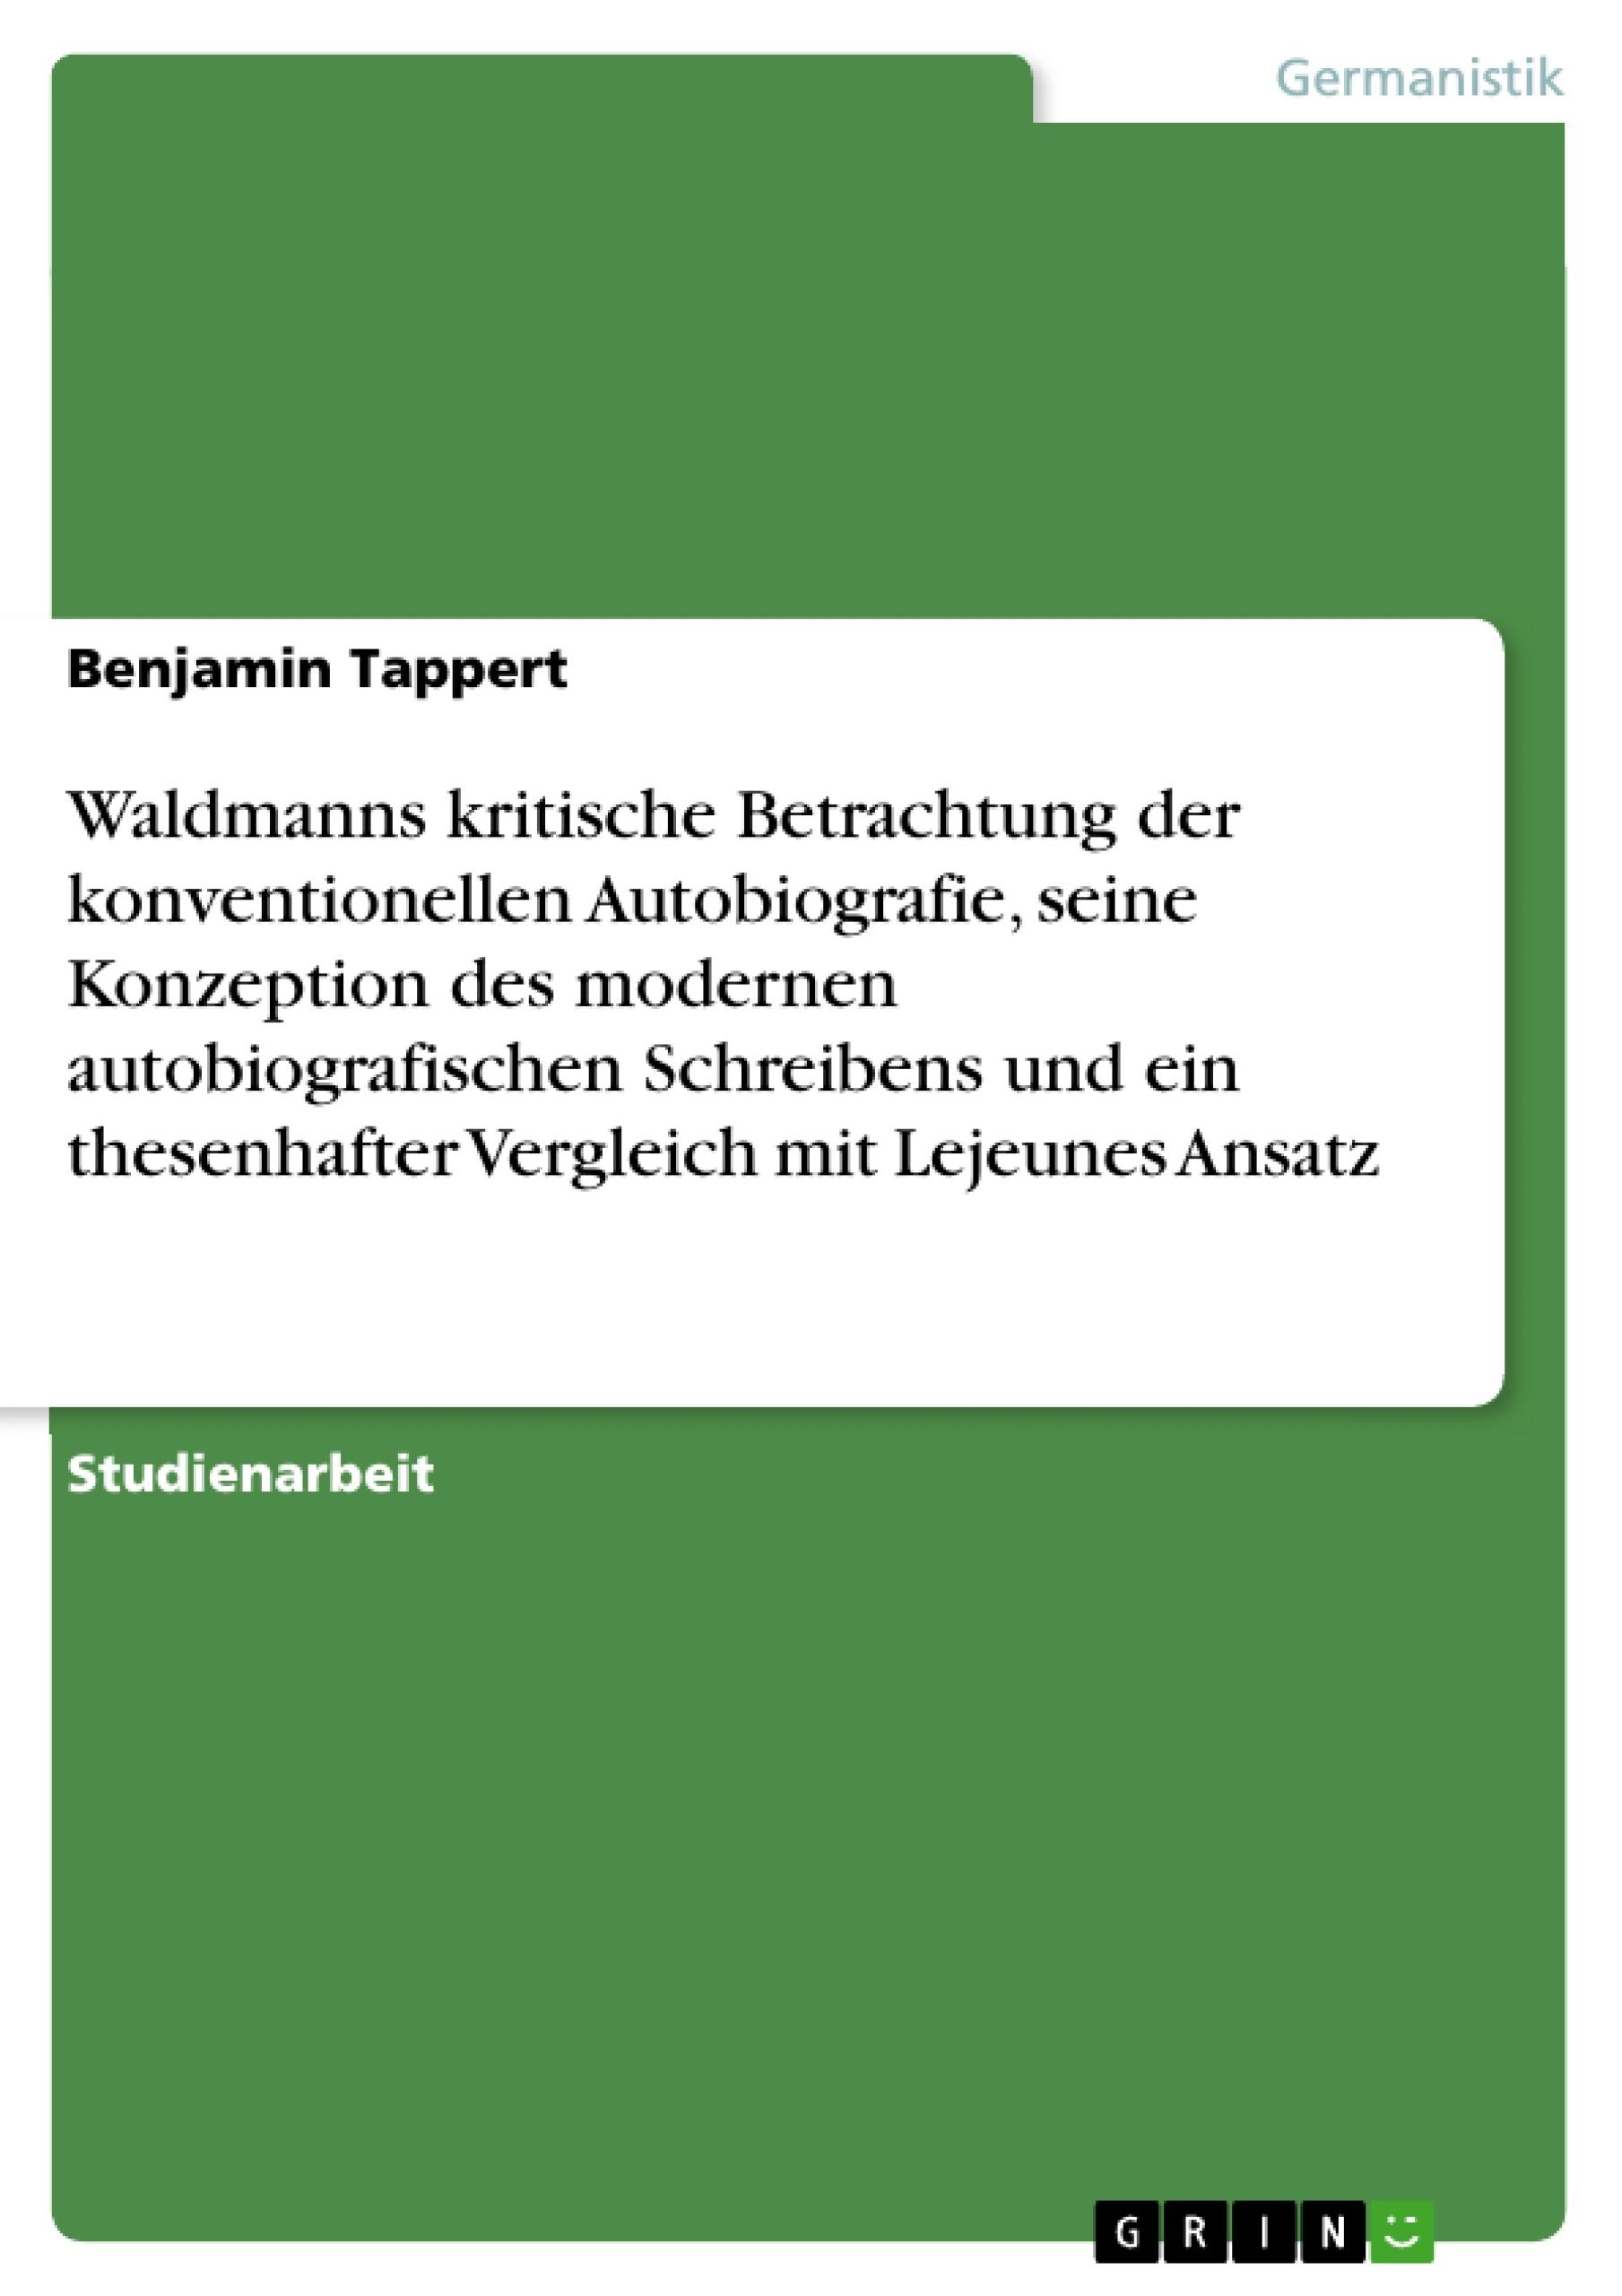 Titel: Waldmanns kritische Betrachtung der konventionellen Autobiografie, seine Konzeption des modernen autobiografischen Schreibens und ein thesenhafter Vergleich mit Lejeunes Ansatz